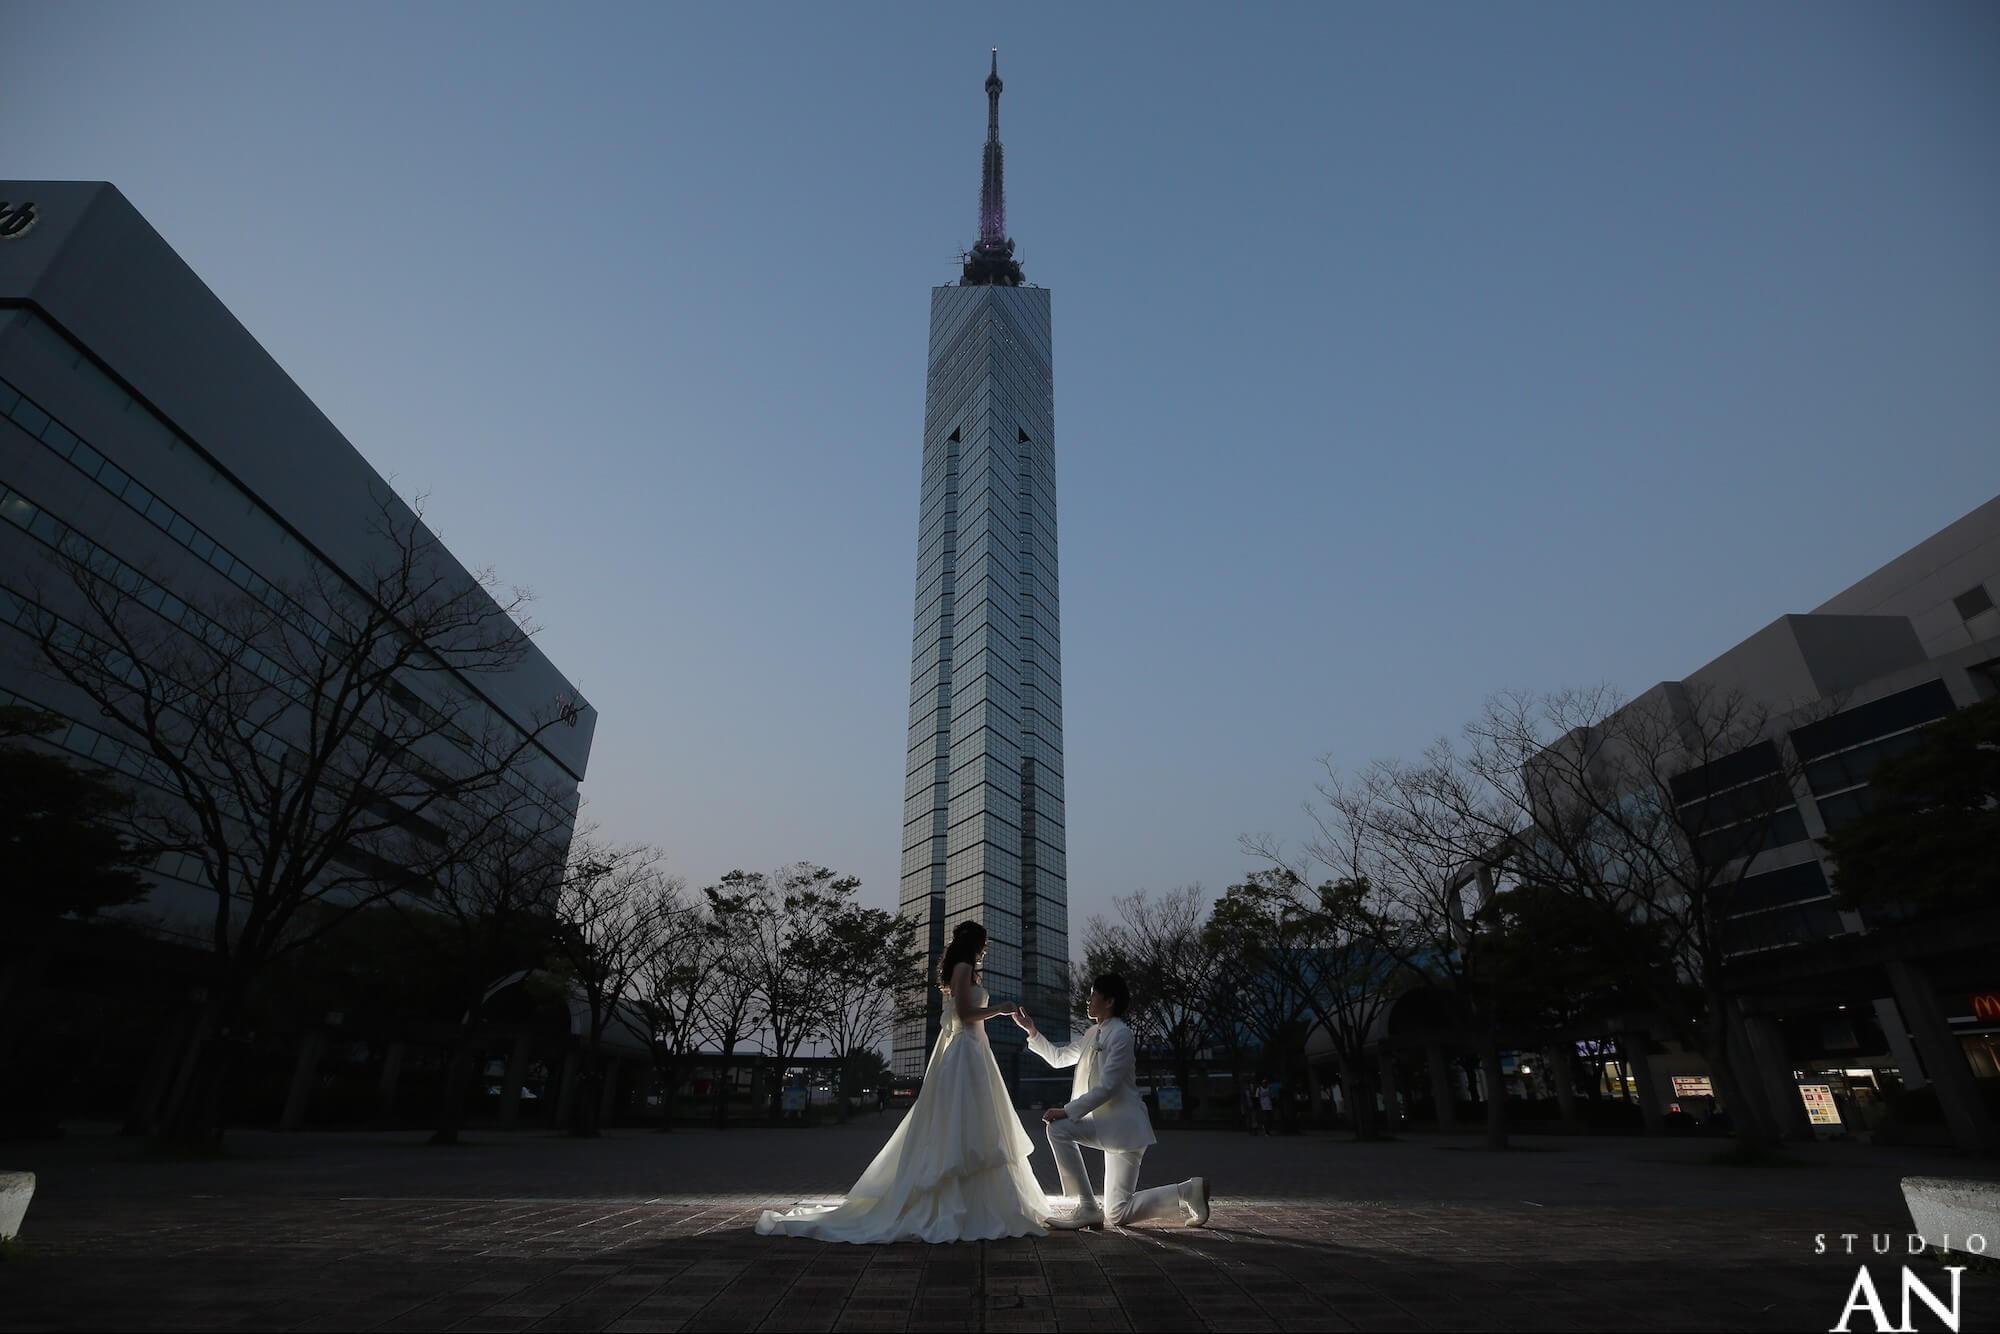 糸島ロケーションと、福岡タワーで夜景撮影!